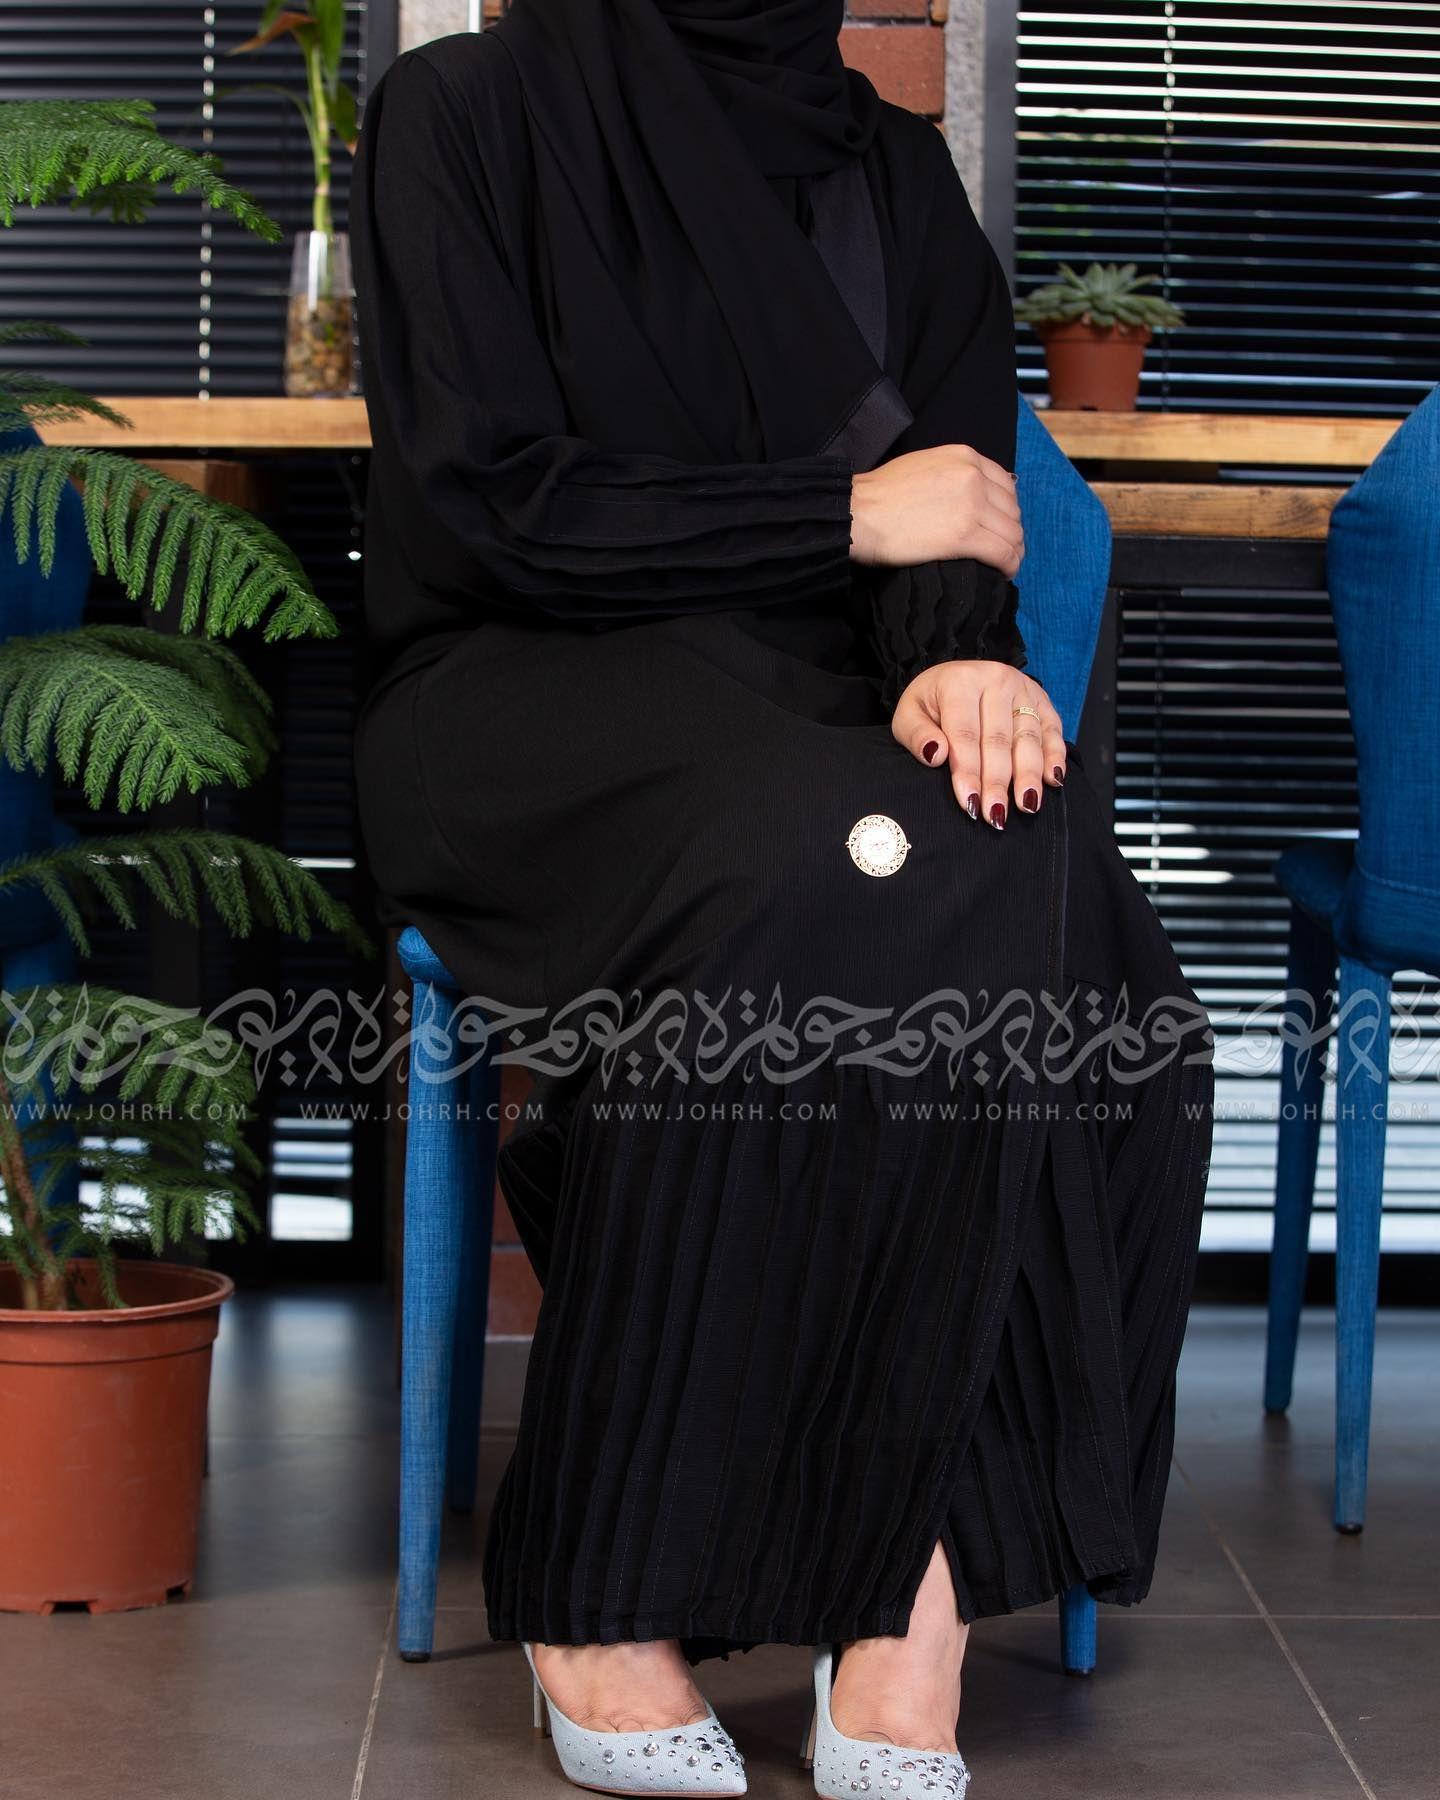 عباية شموخ كلاسيك بكسرات وجيوب رقم الموديل 1679 السعر بعد الخصم ٢٧٠ متجر جوهرة عباية عبايات ستايل عباية Maxi Dress Fashion Dresses